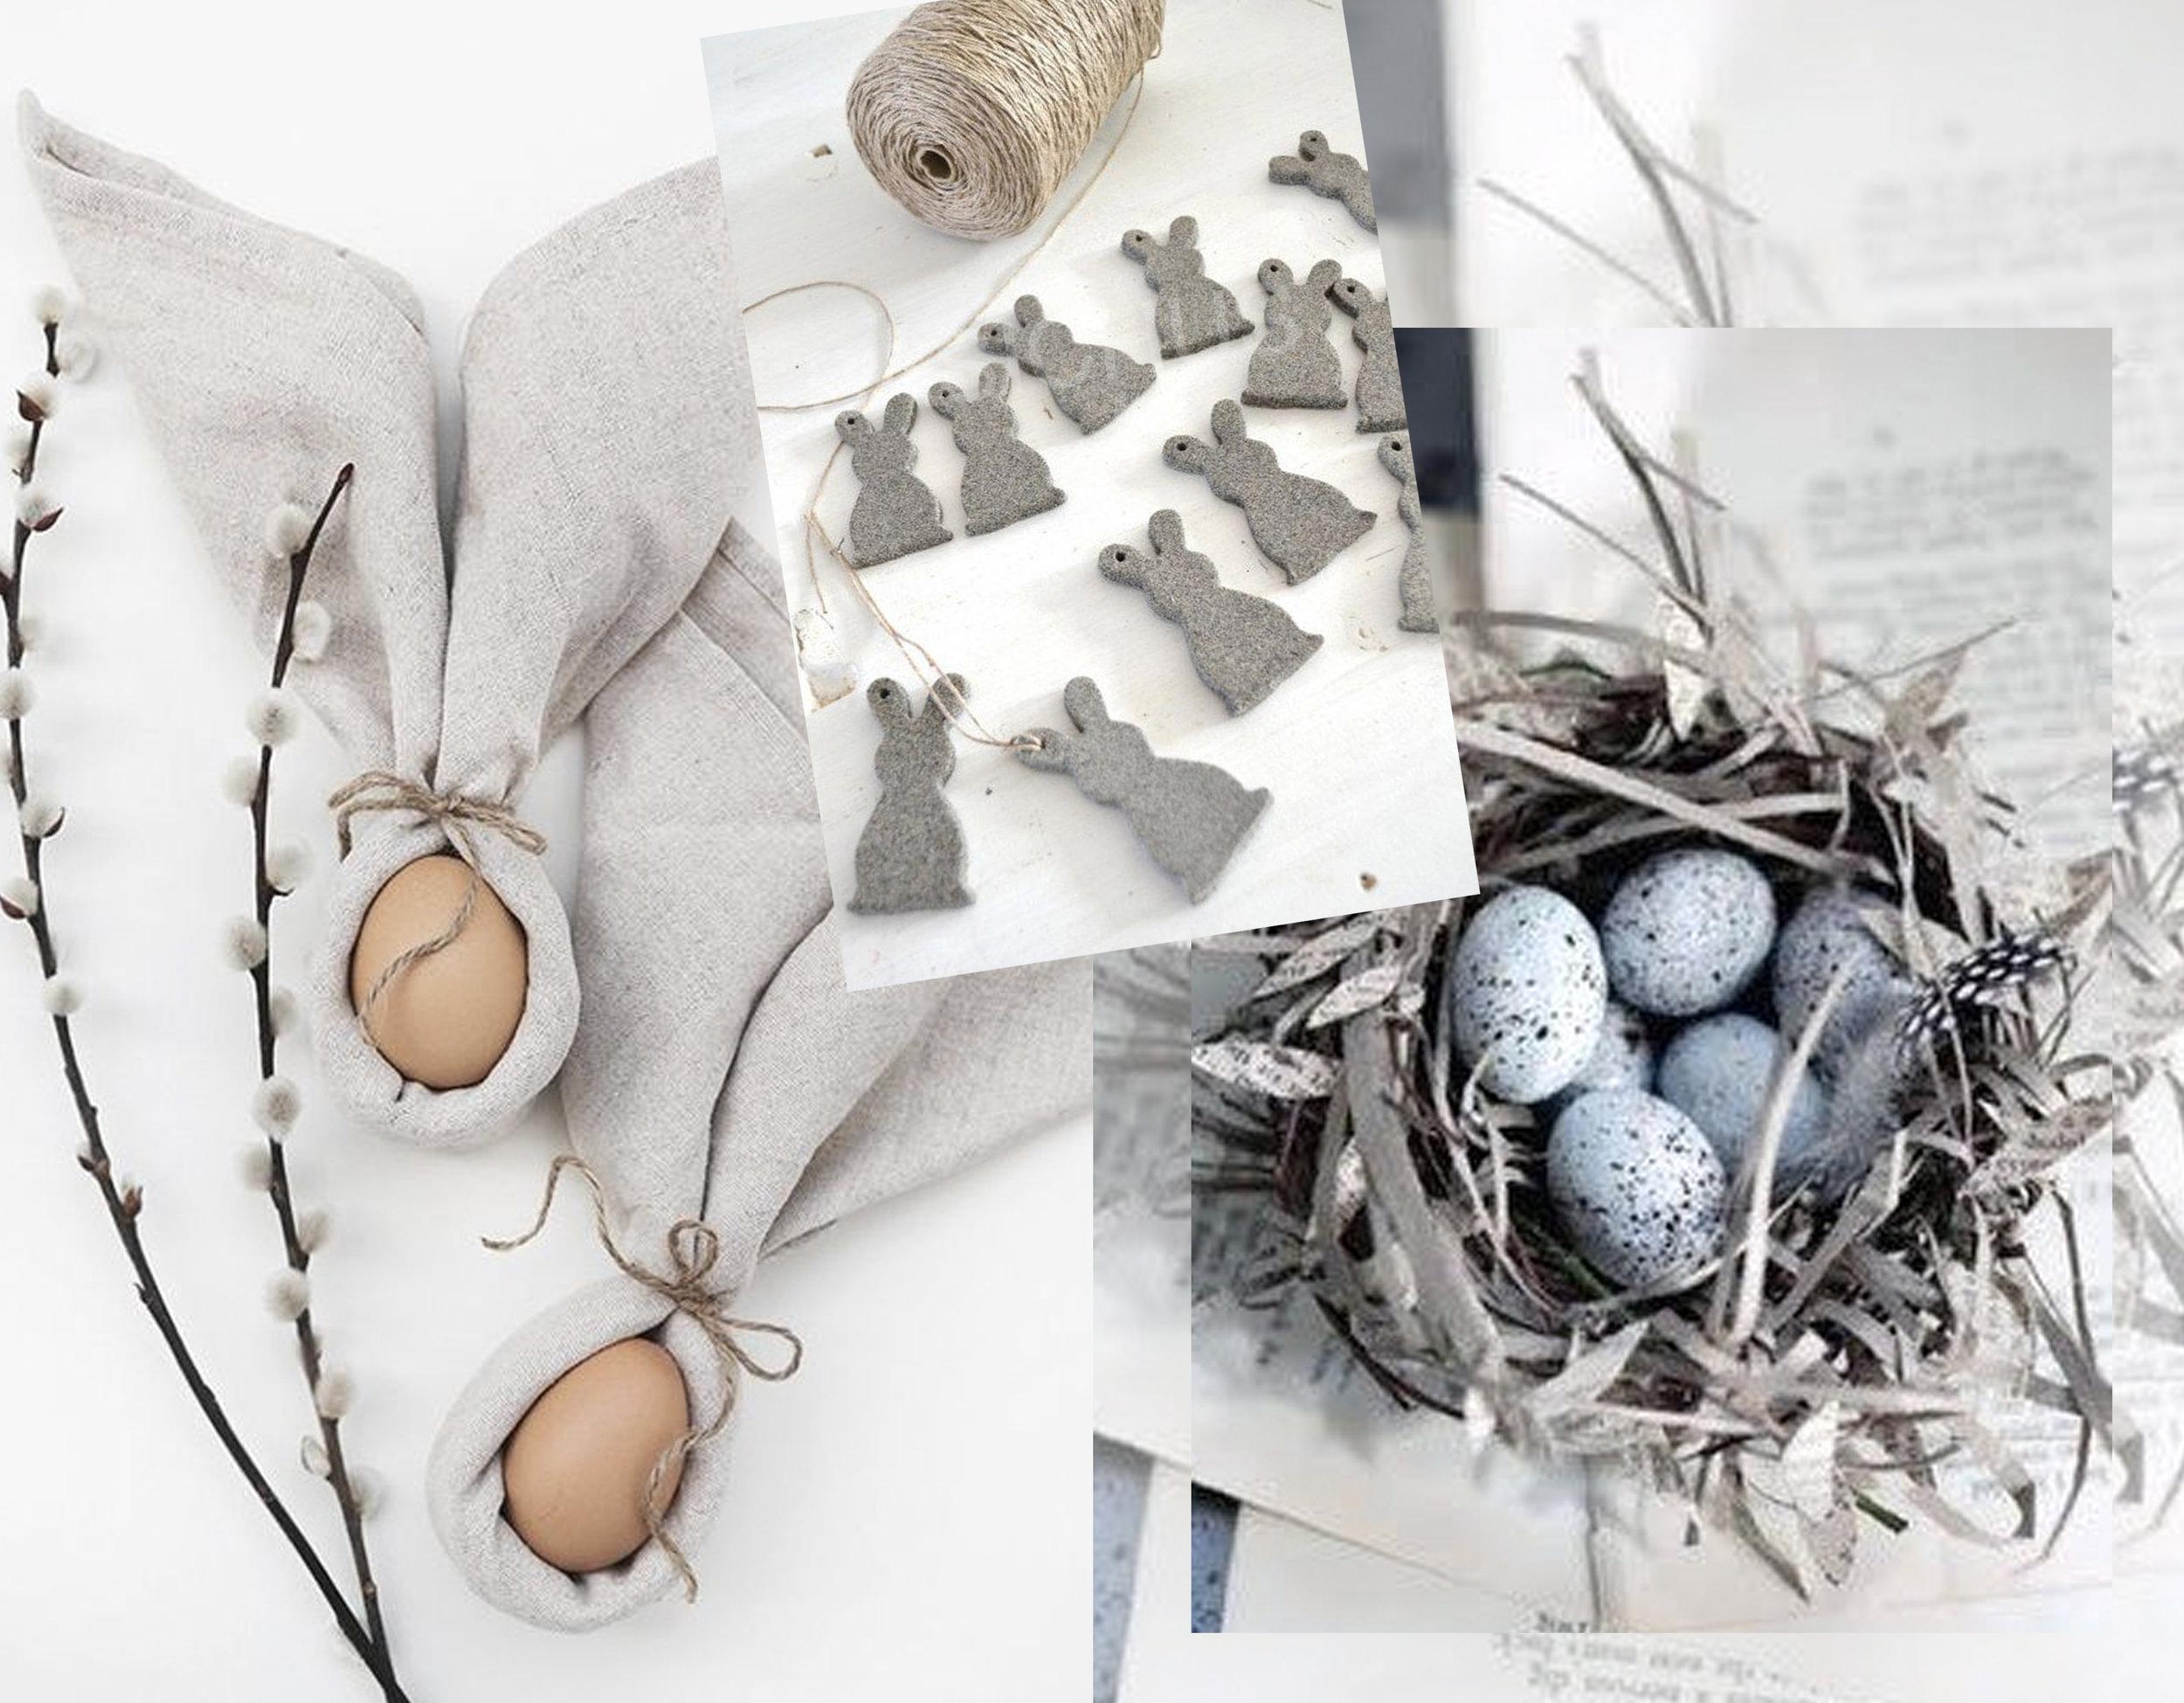 Bunny Ear Napkins for Easter via  Trendenser  - grey felt bunny via  The Paper Mulberry - eggs in nest via  All Things Paper